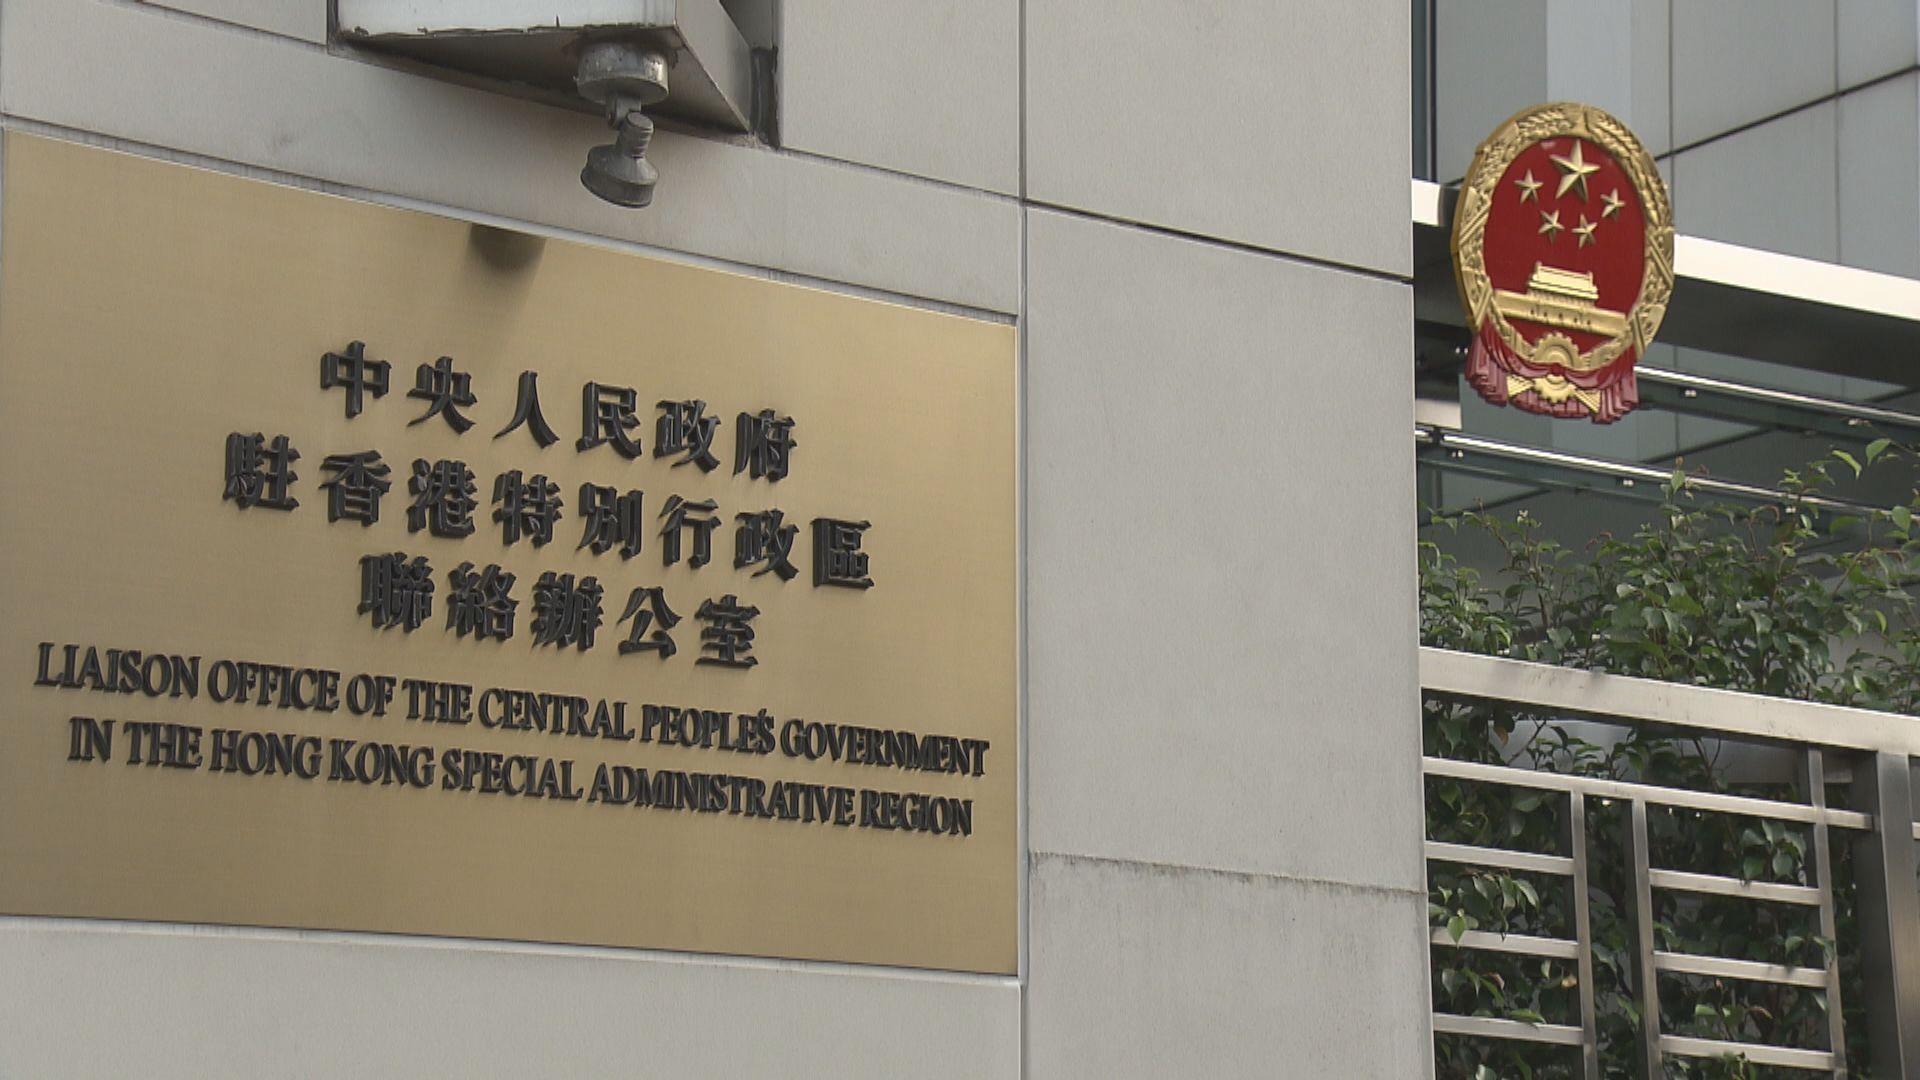 據報美國將制裁中聯辦官員 外交部指將視乎措施回應